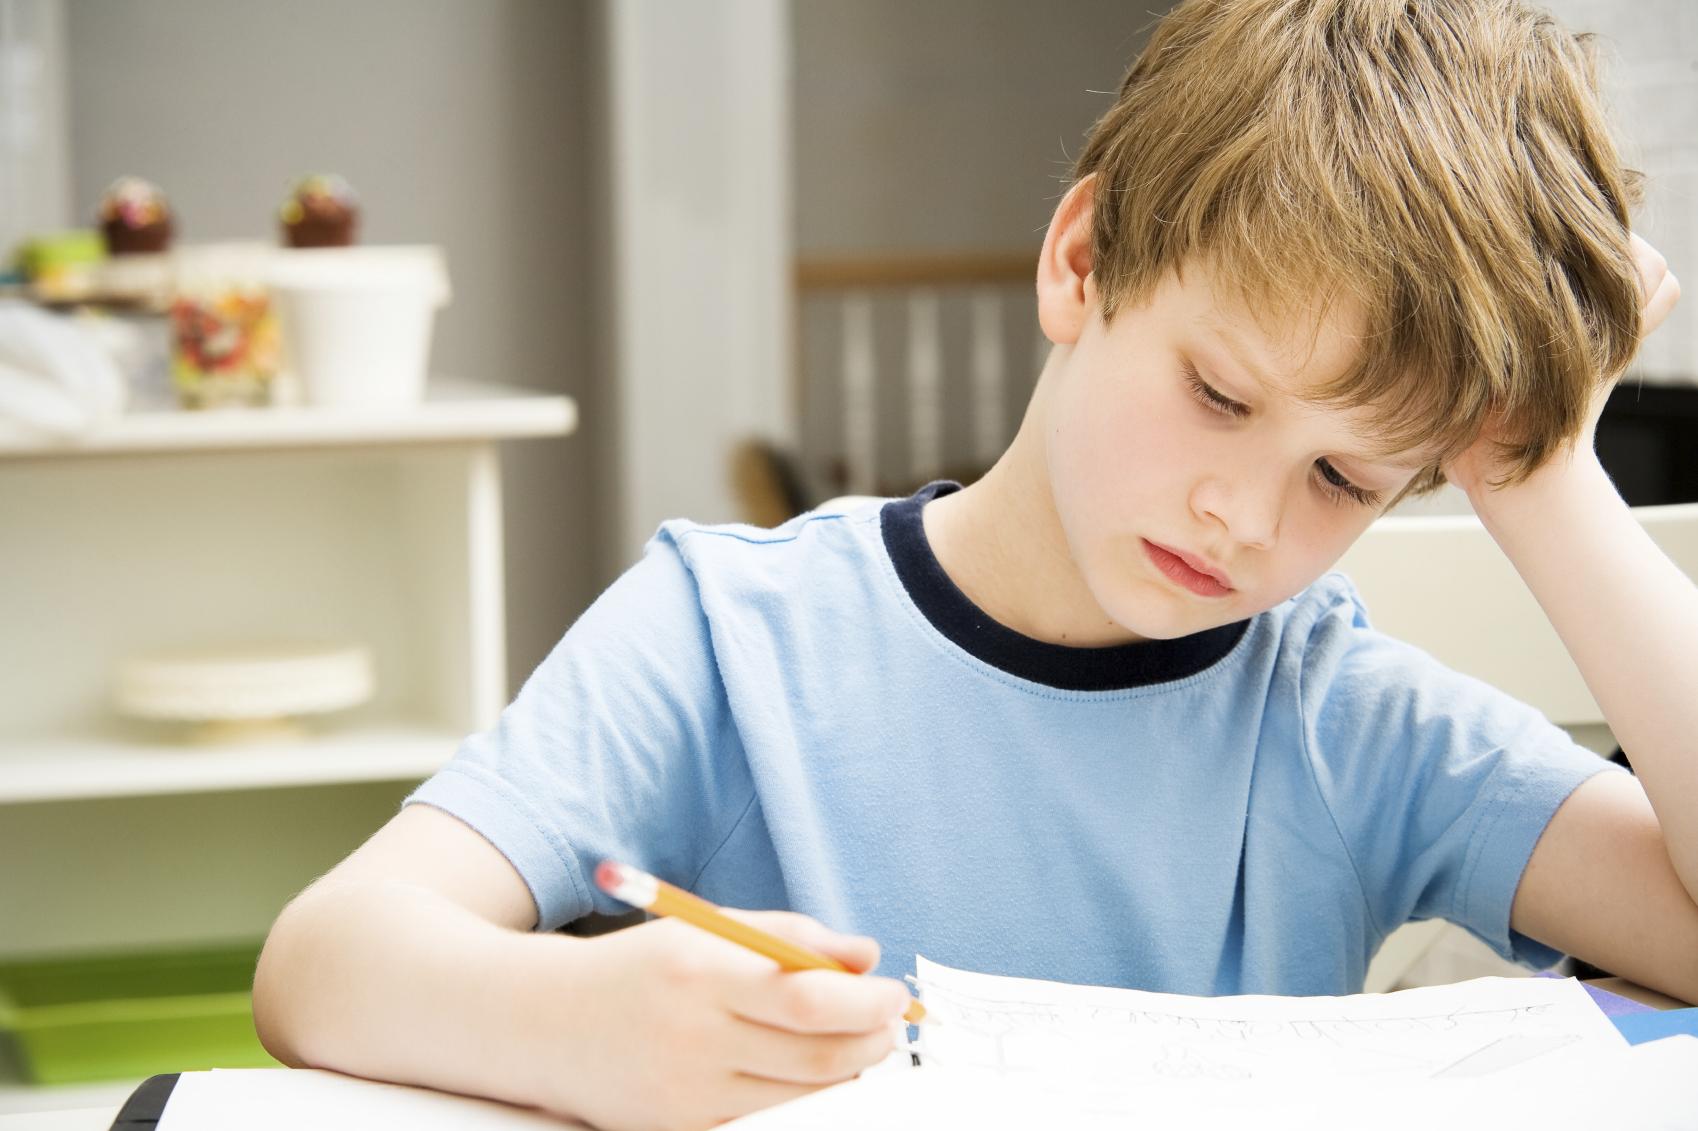 افزایش اختلال کمتوجهی-بیش فعالی در کودکان آلمانی